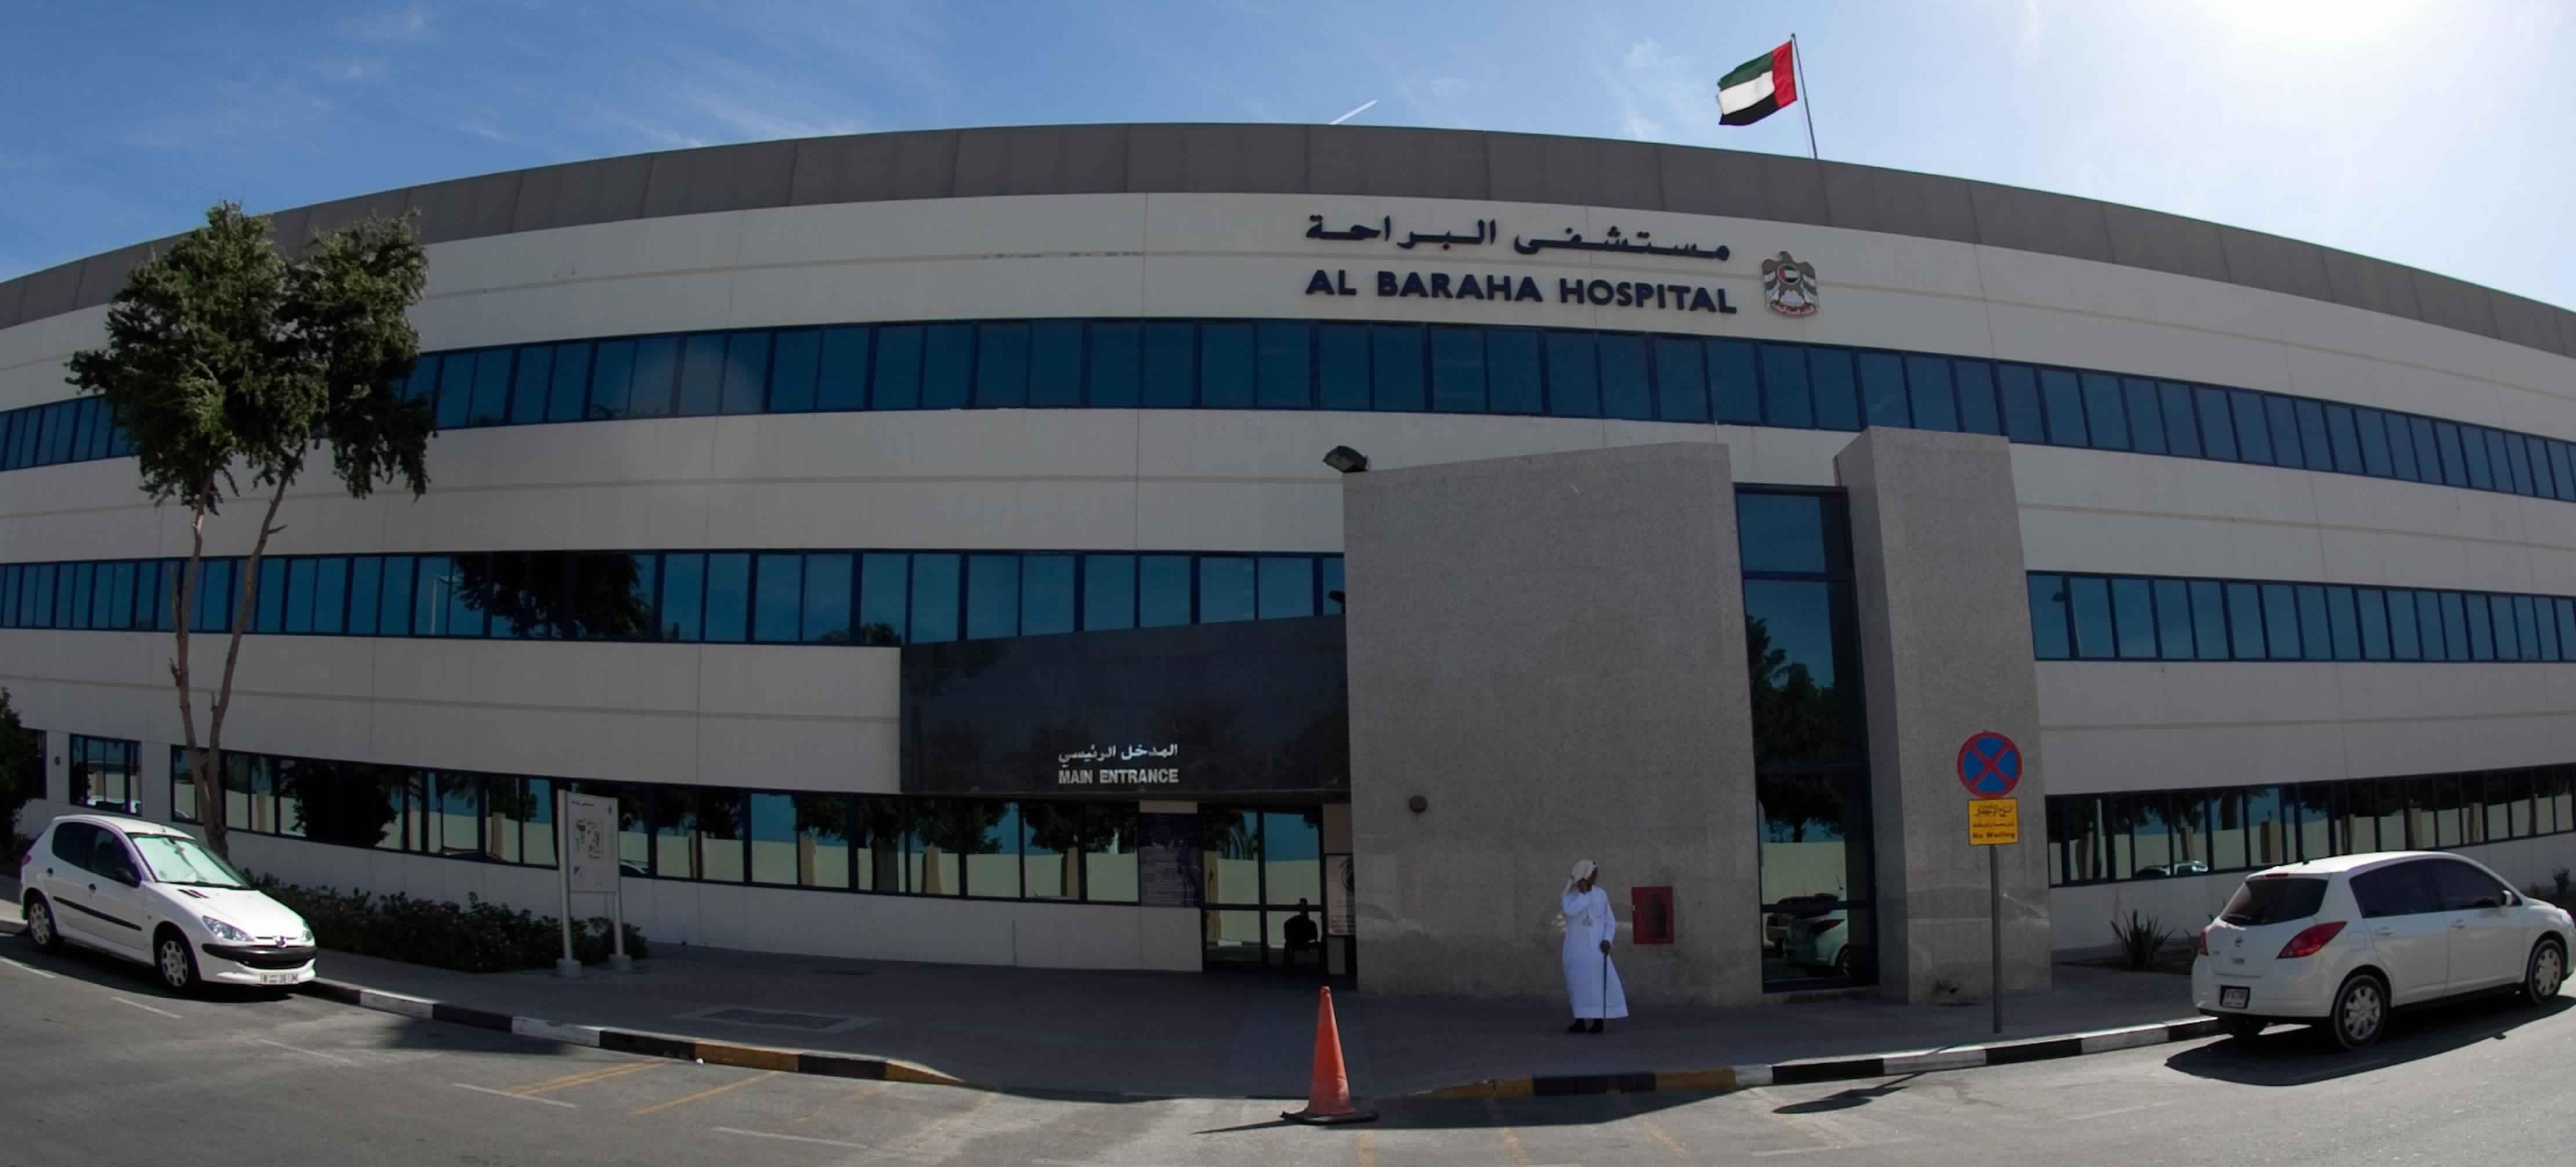 المستشفيات الحكومية في دبي